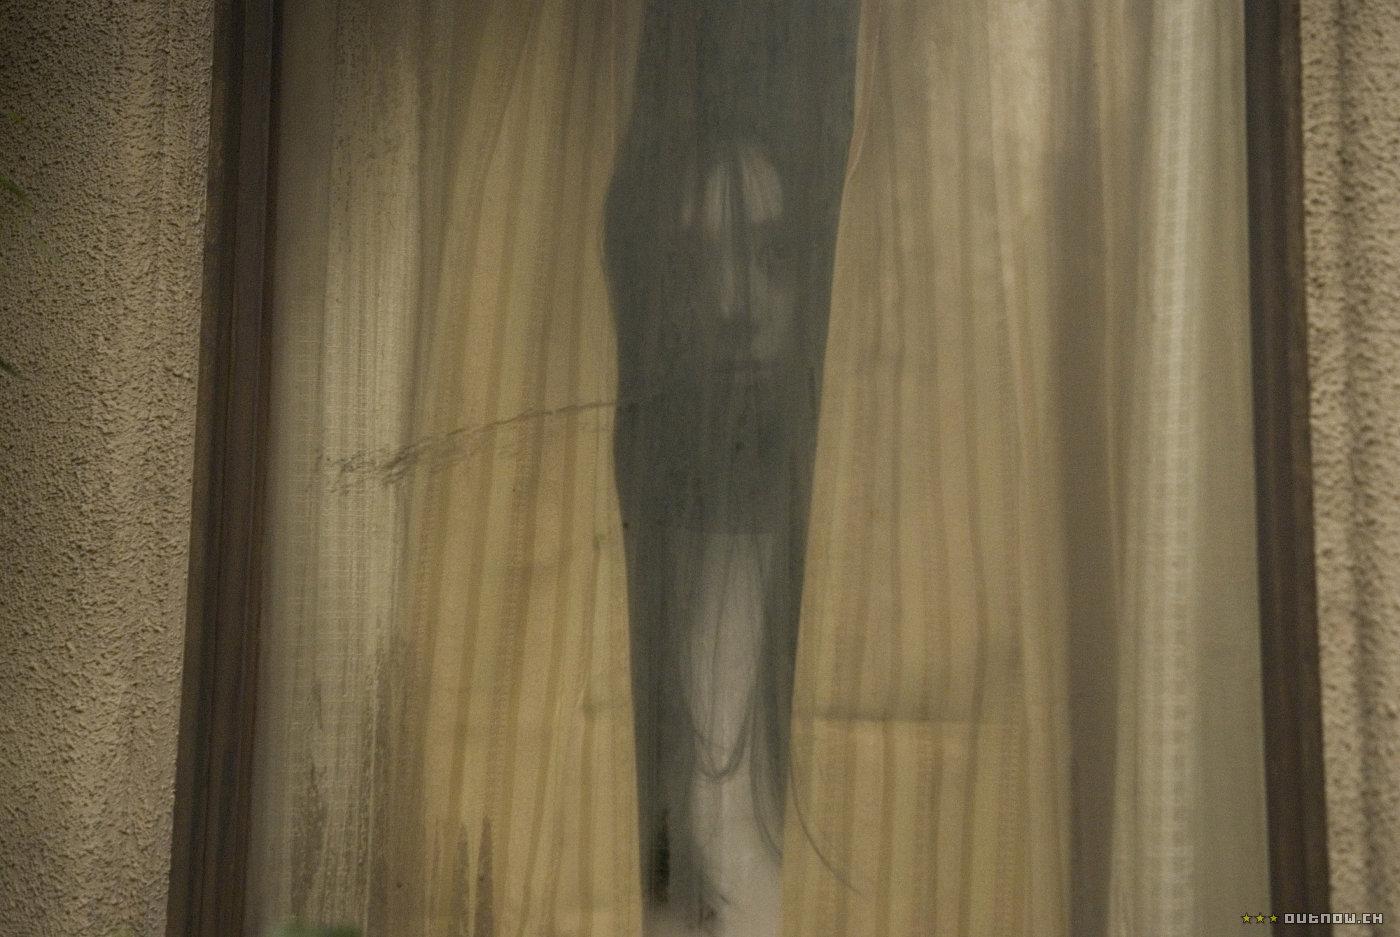 кадры из фильма Проклятие 2